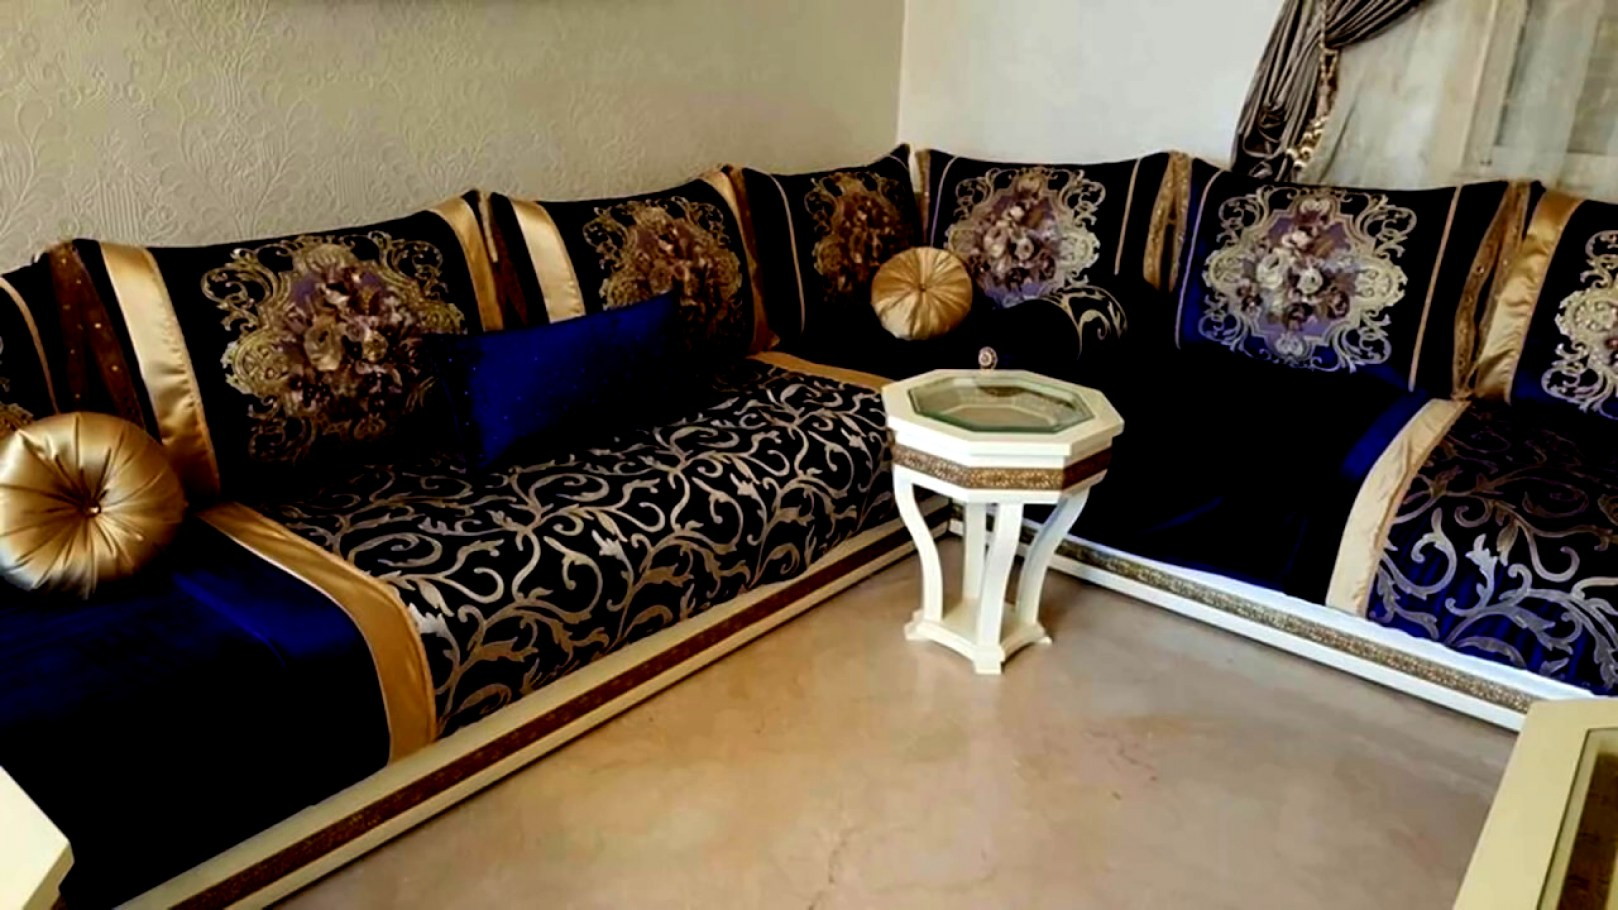 Vente salon marocain moderne 2019 à Montpellier - Déco Salon Maroc